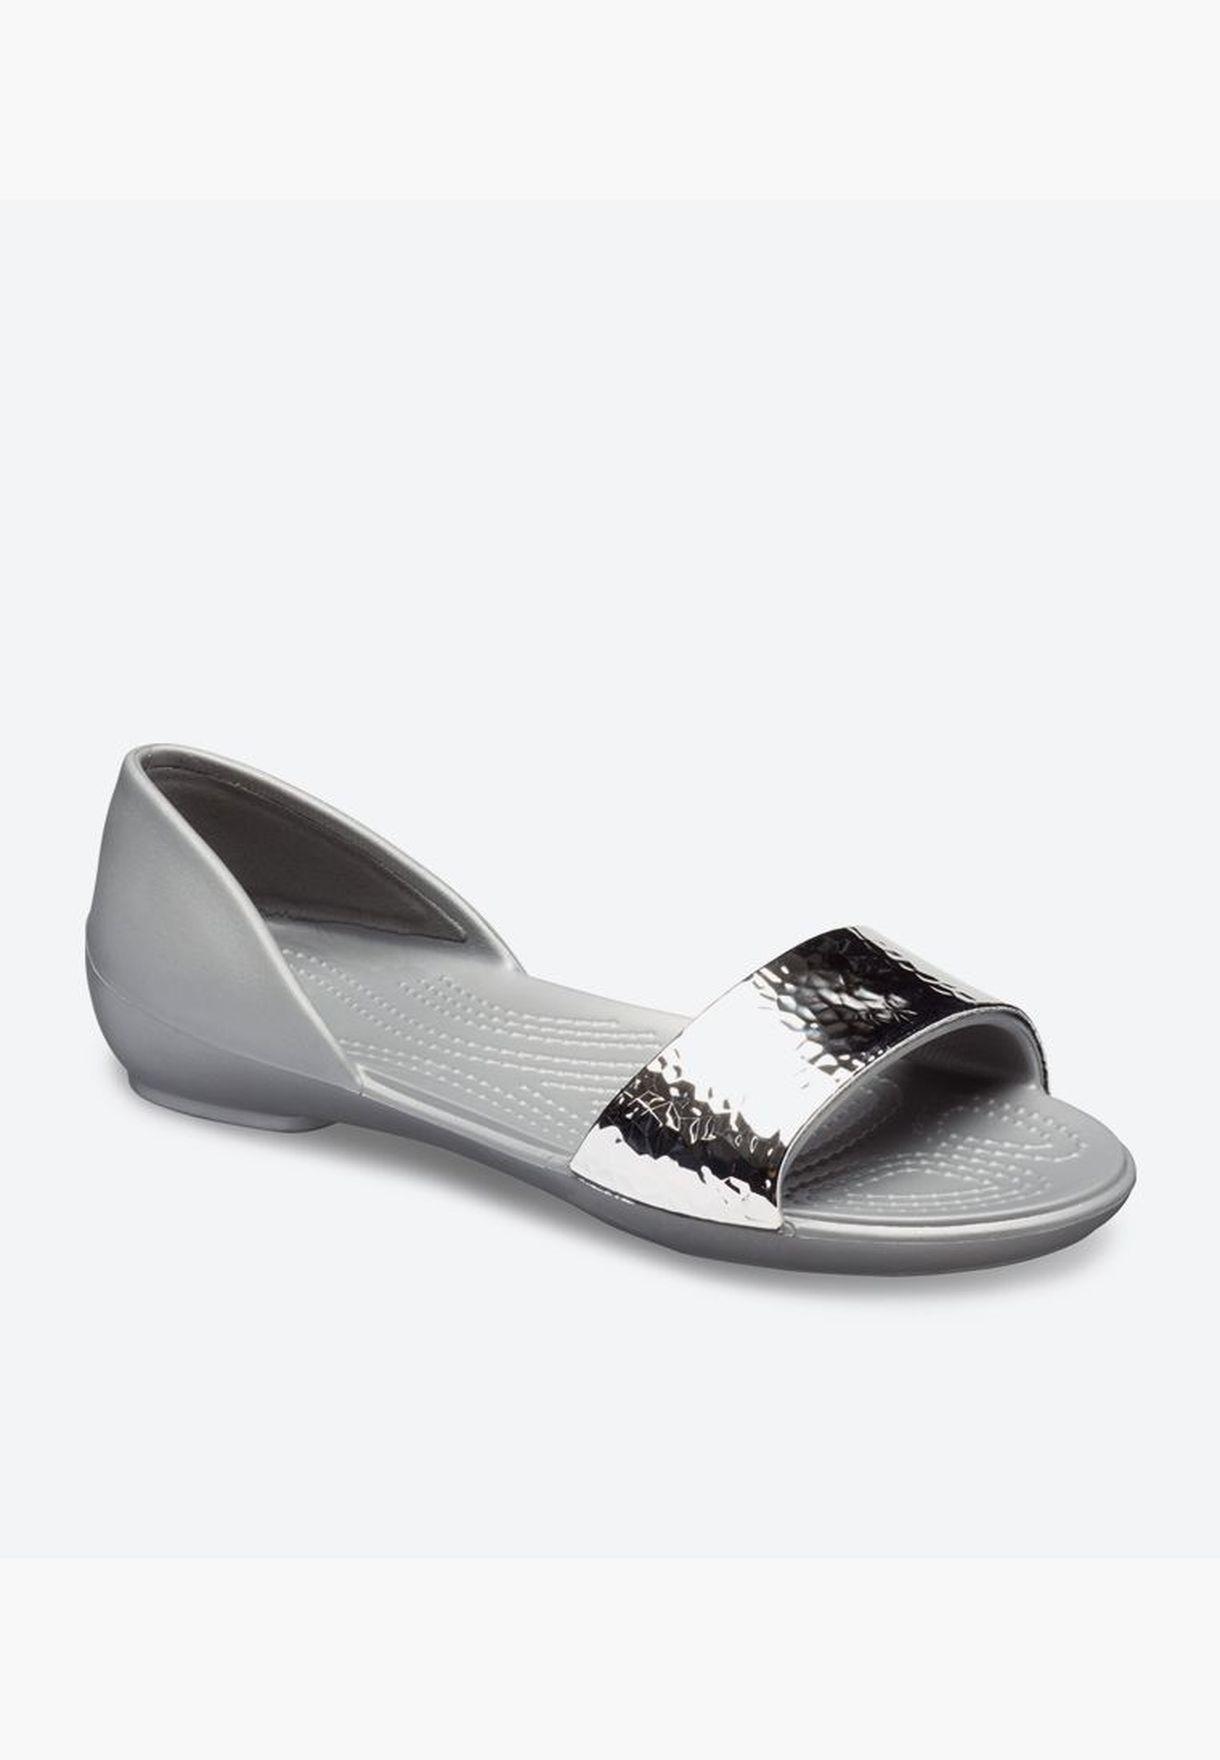 204361-00n-silver